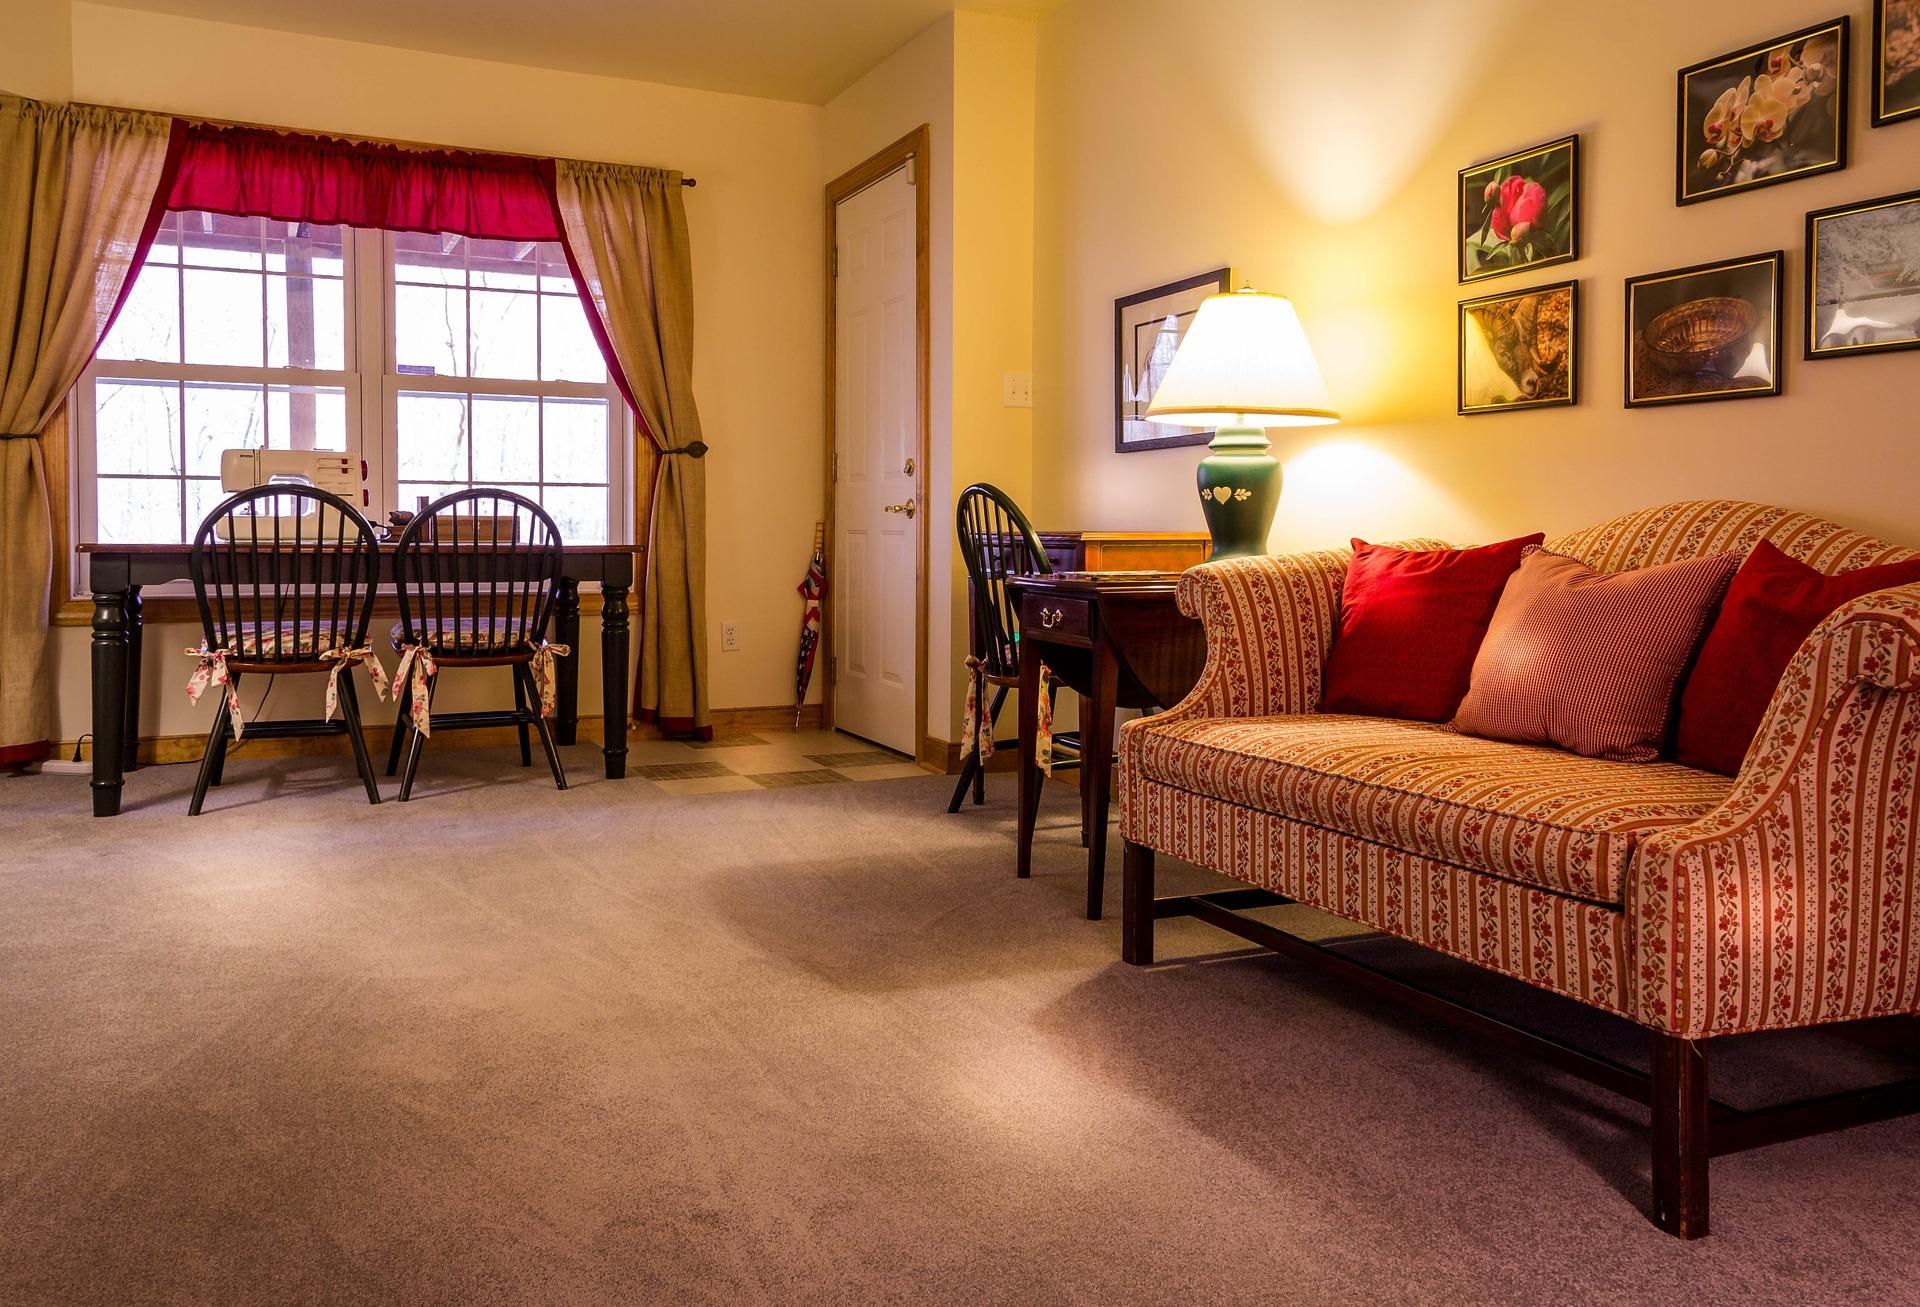 family-room-670281_1920.jpg